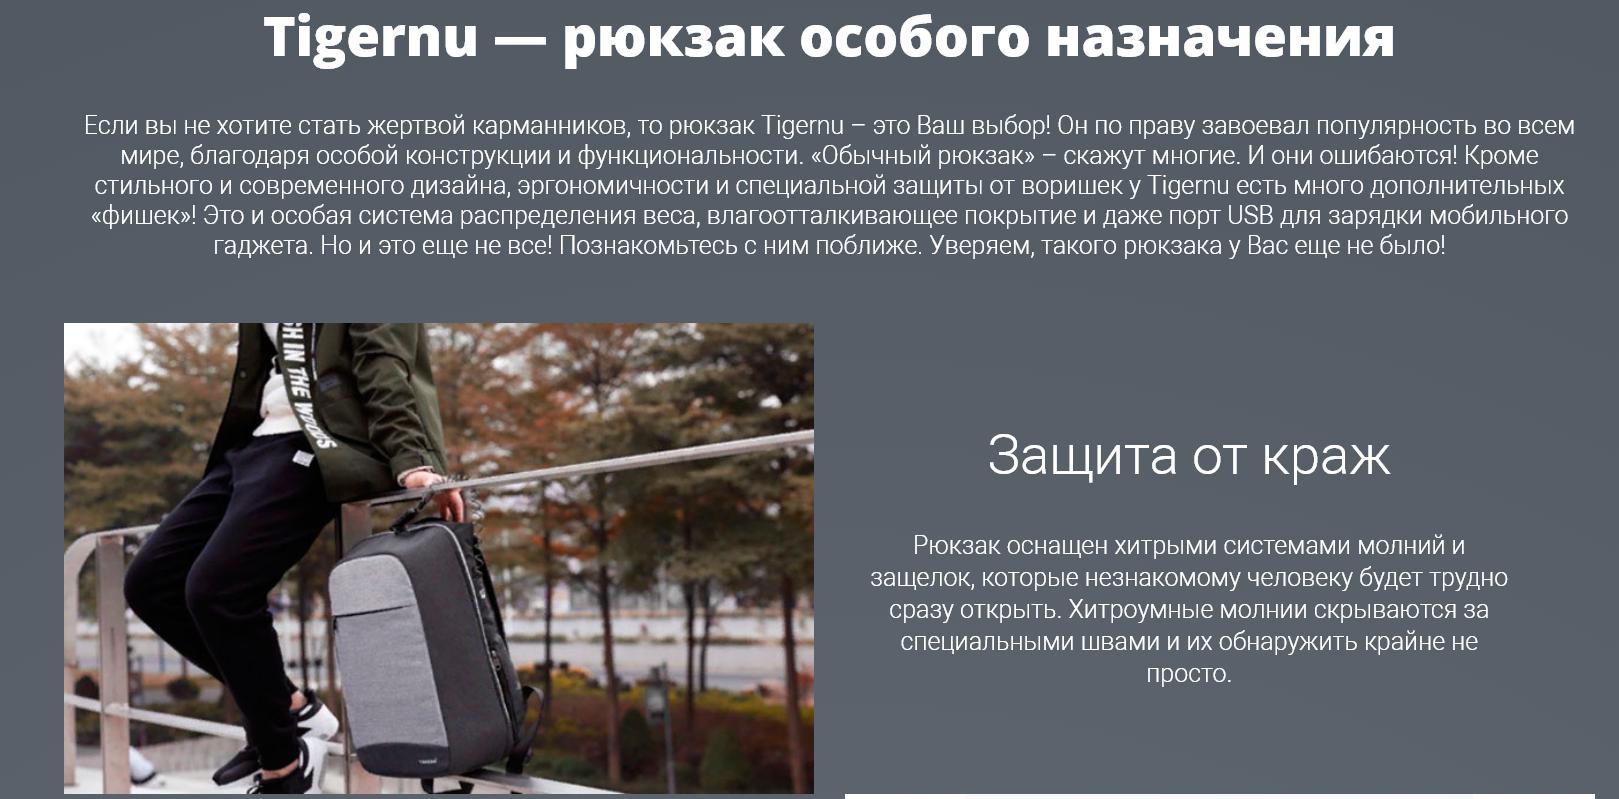 Рюкзак Tigernu особого назначения